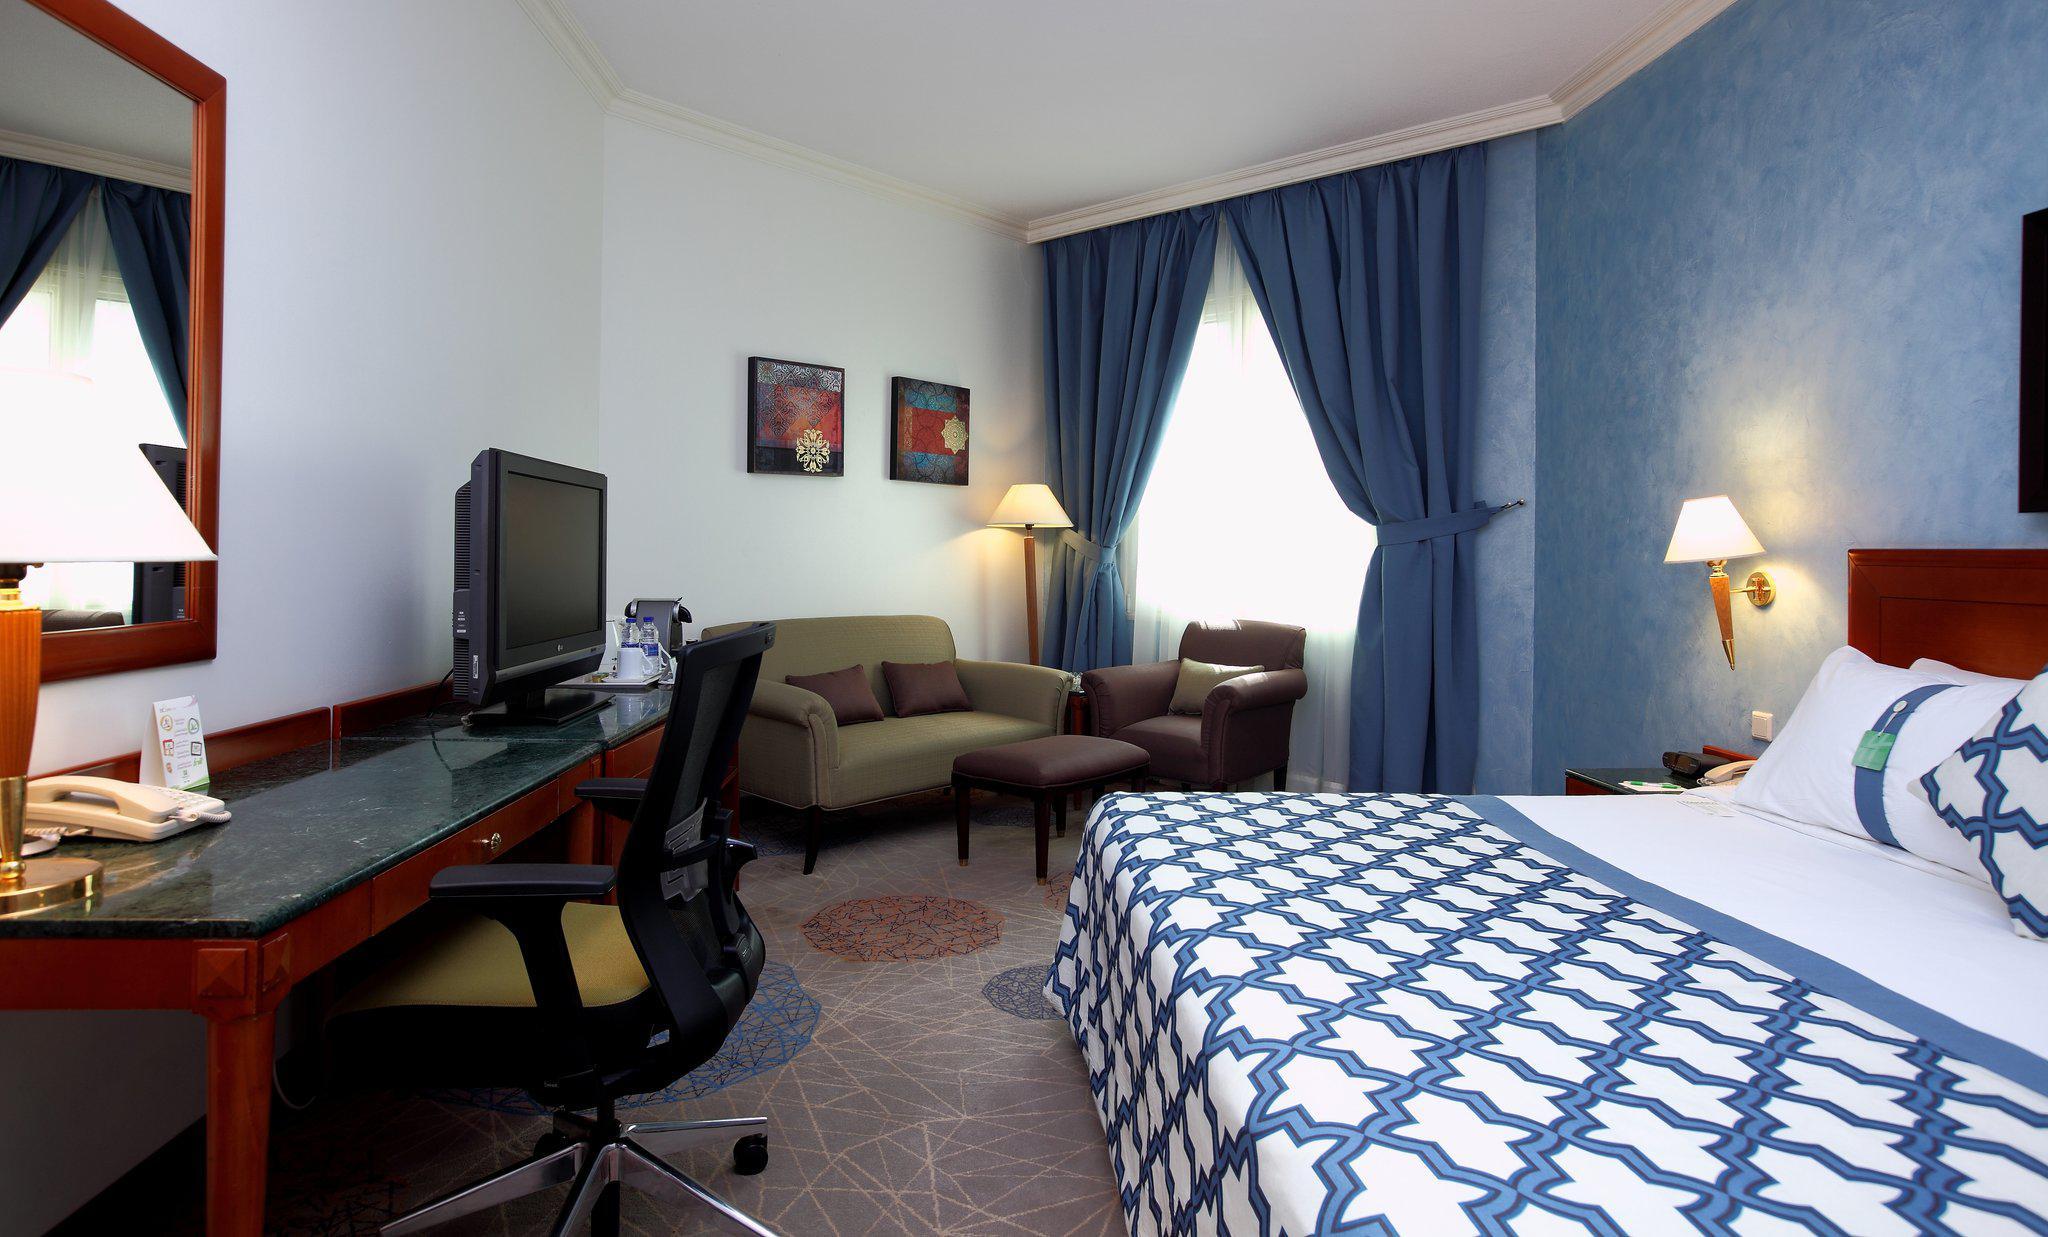 Holiday Inn al Khobar, an IHG Hotel